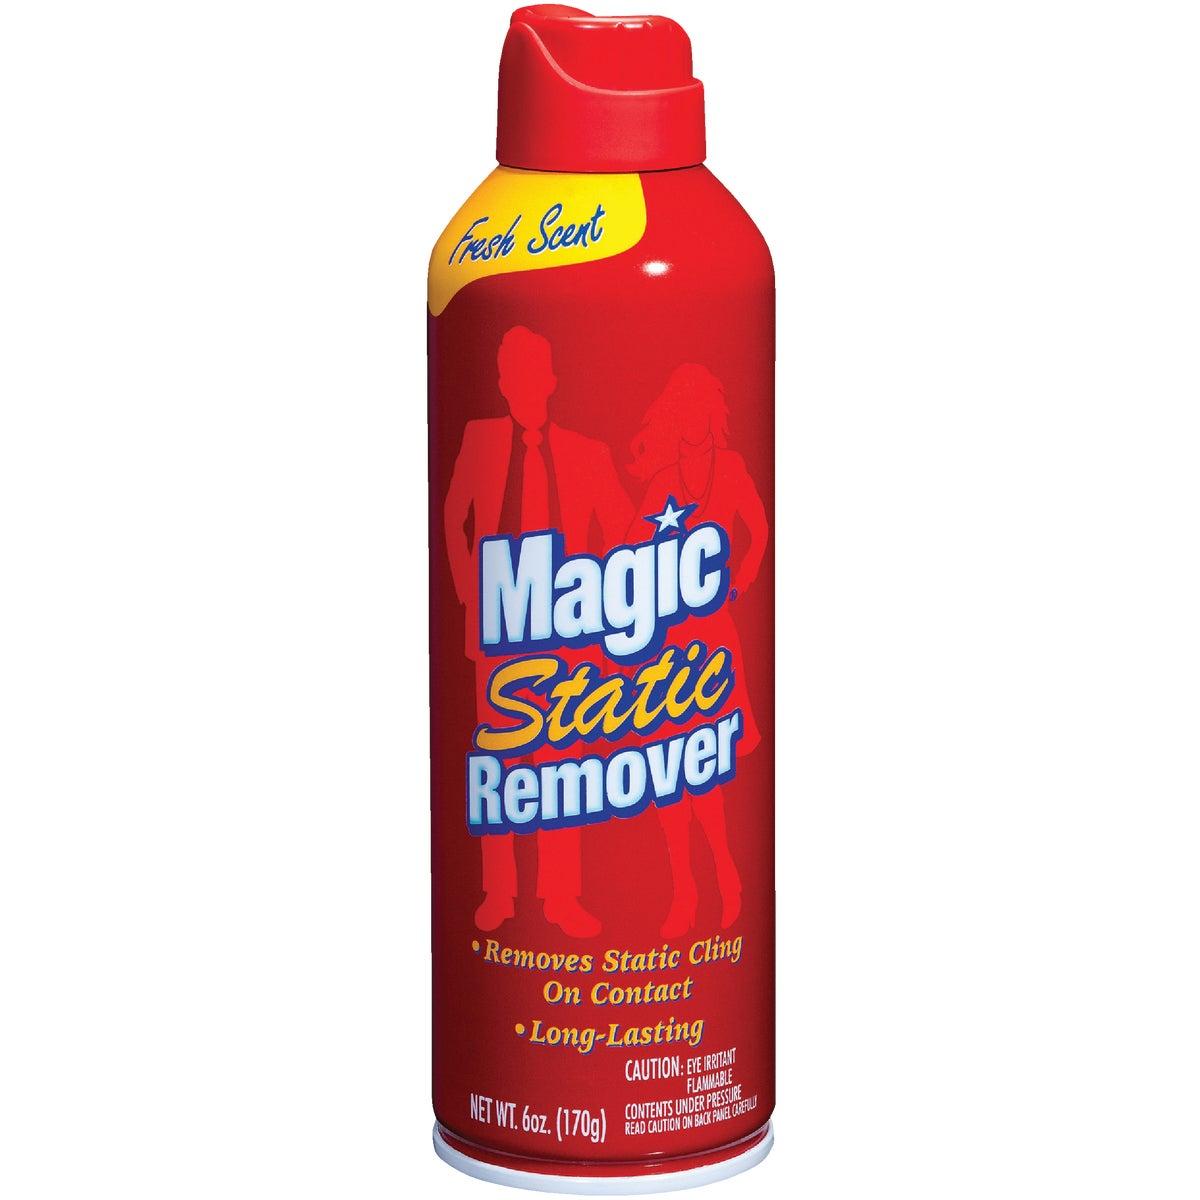 Magic Static Remover, 39206